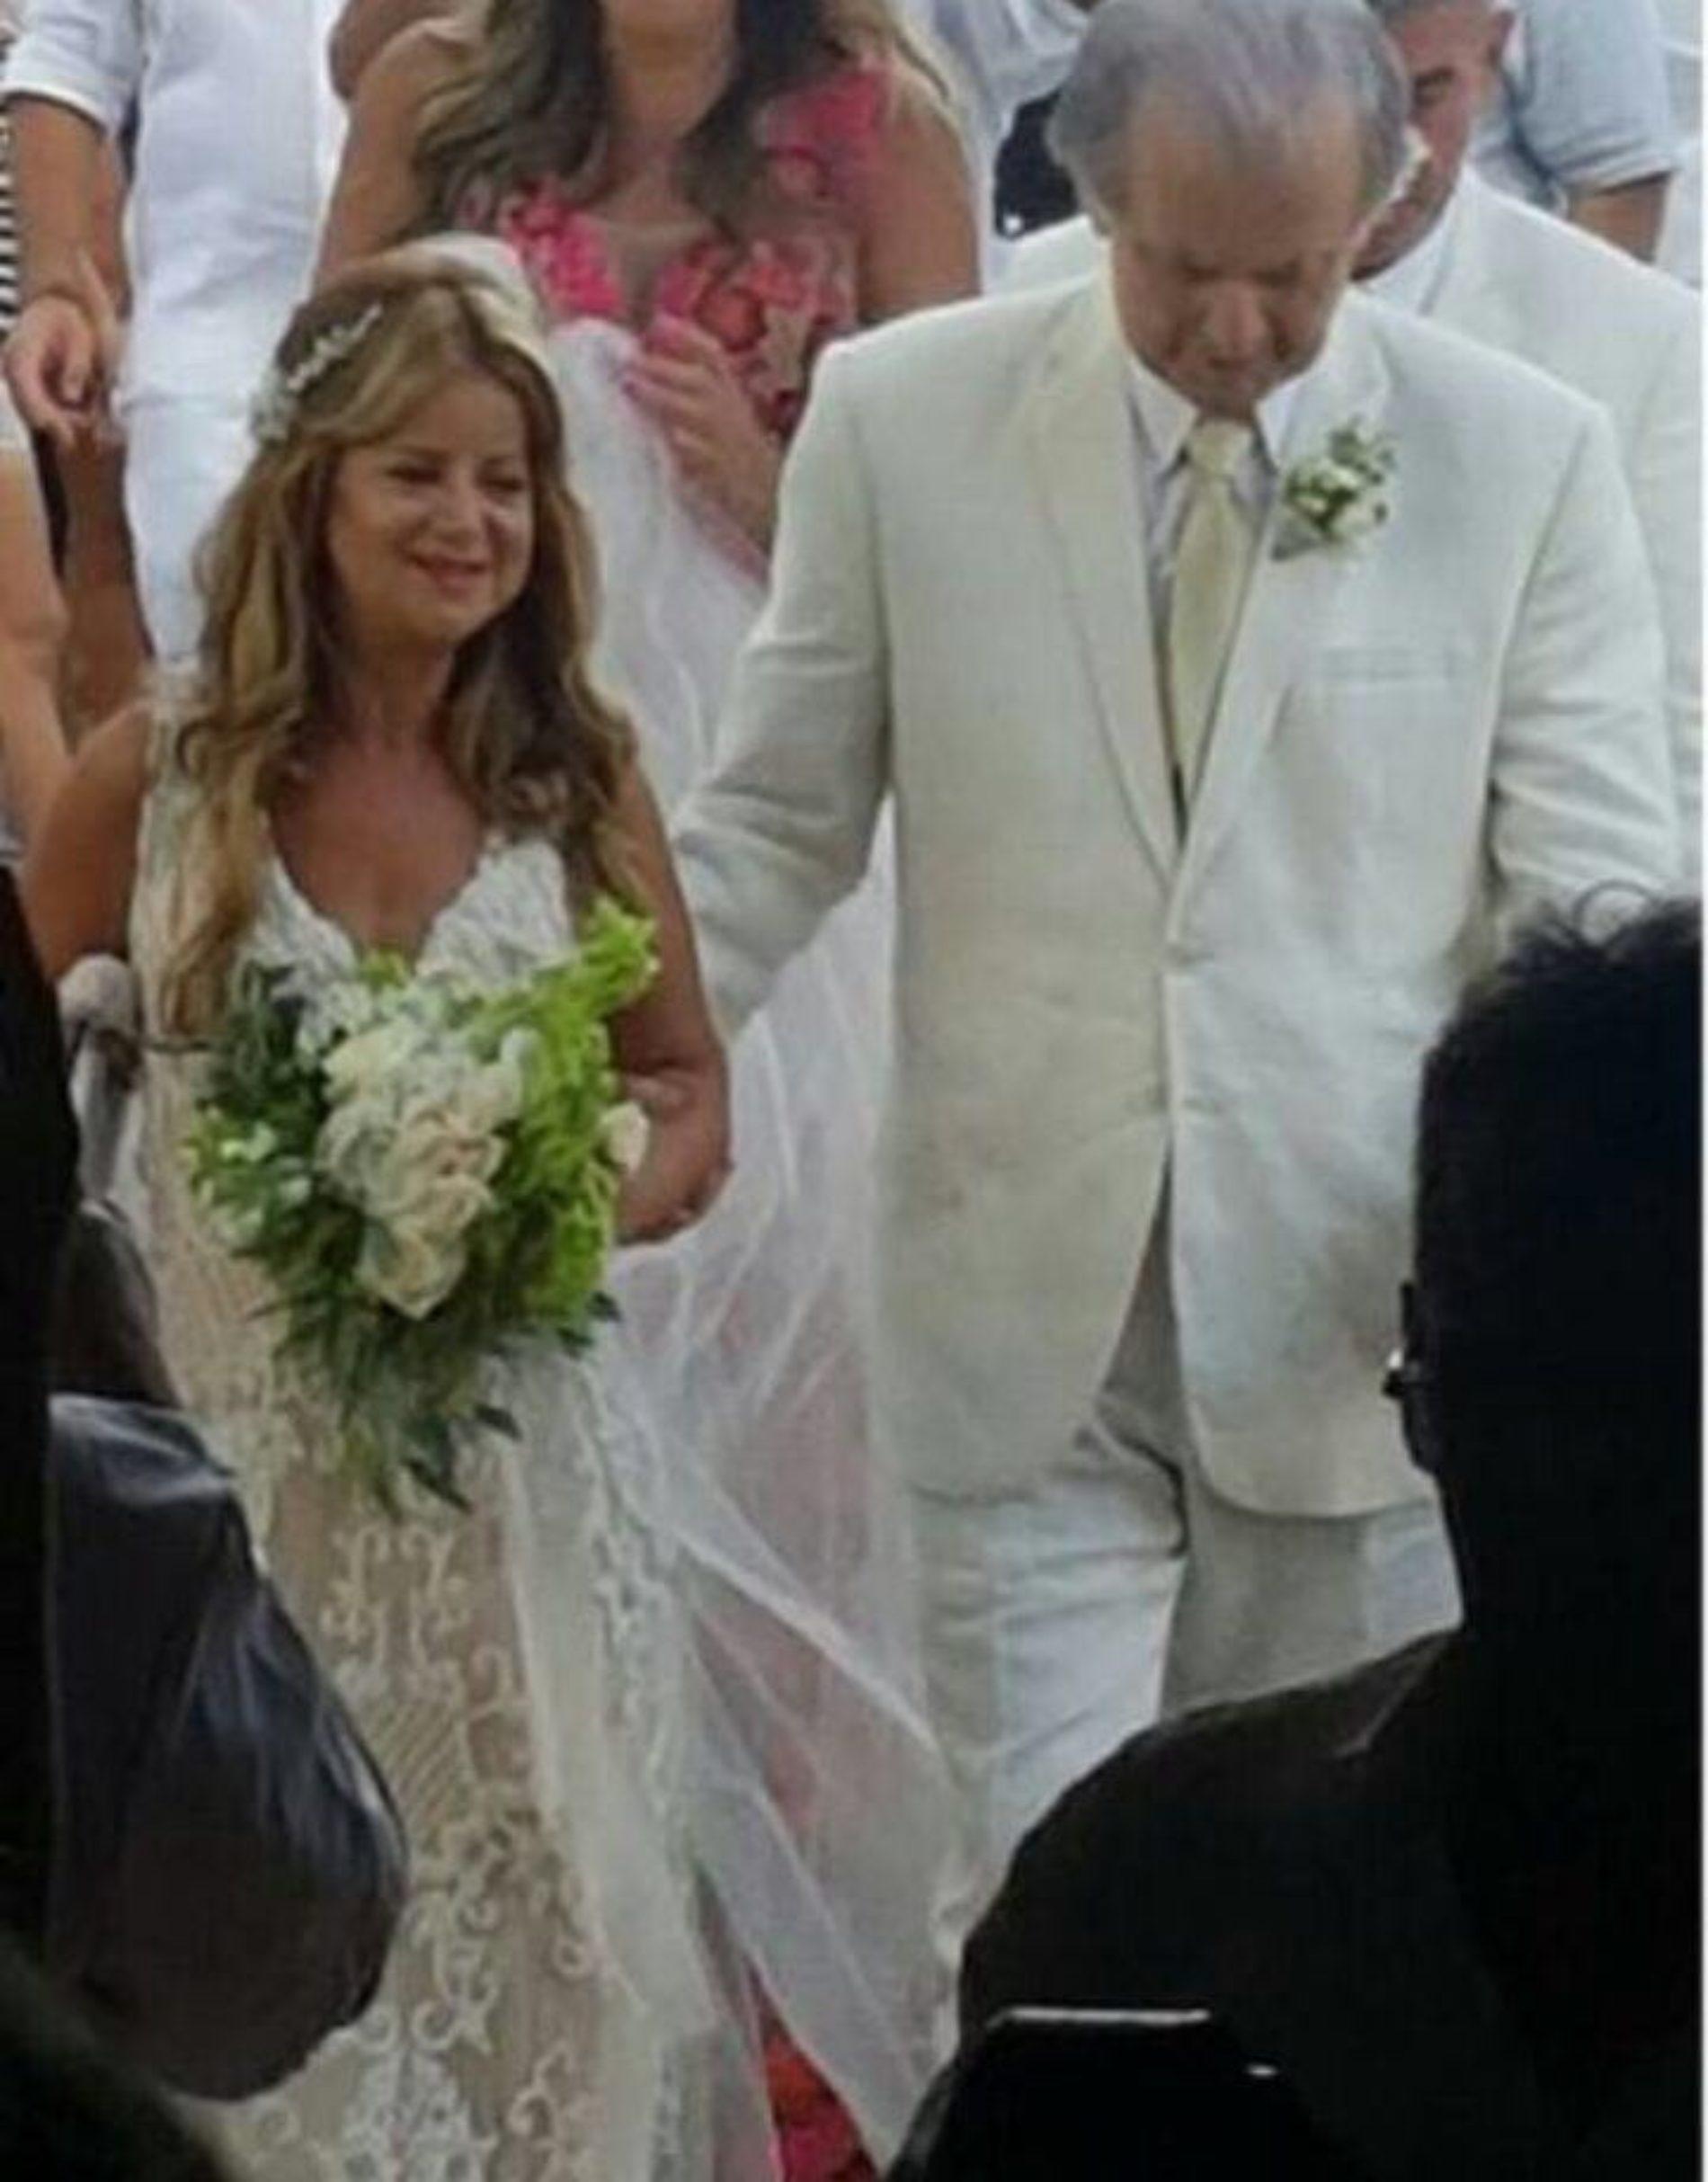 Imágenes exclusivas de la boda de la ministra Elsa Noguera